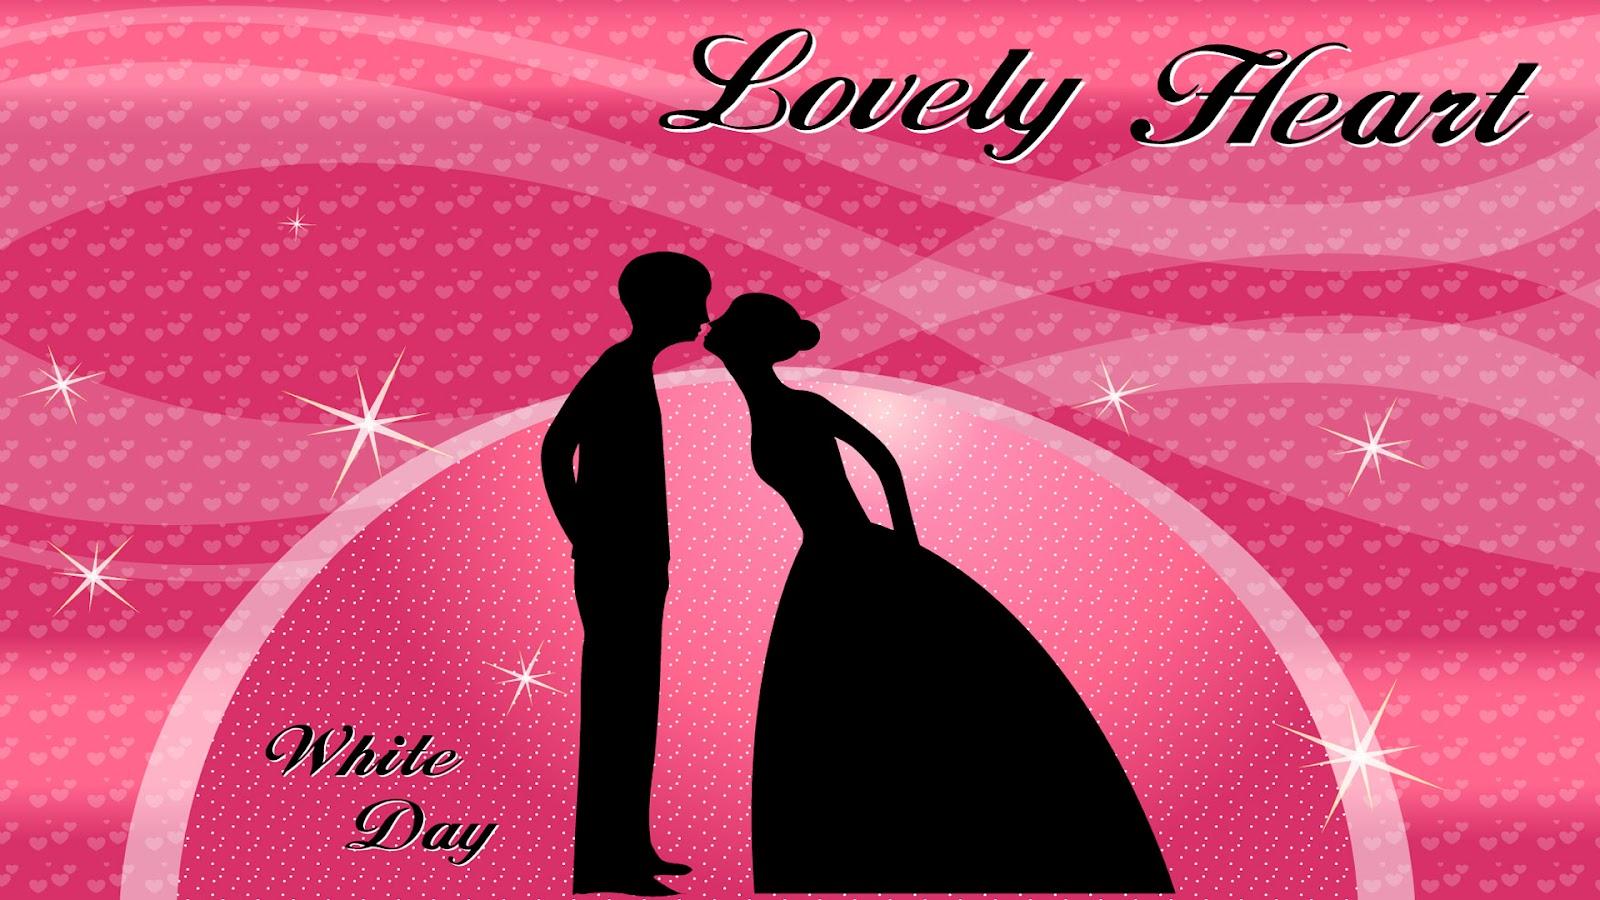 http://3.bp.blogspot.com/-NGqM6ozPPc8/TzilsDrziZI/AAAAAAAAOUE/man9p2eqMfQ/s1600/valentine_wallpapers_2012....008.jpg